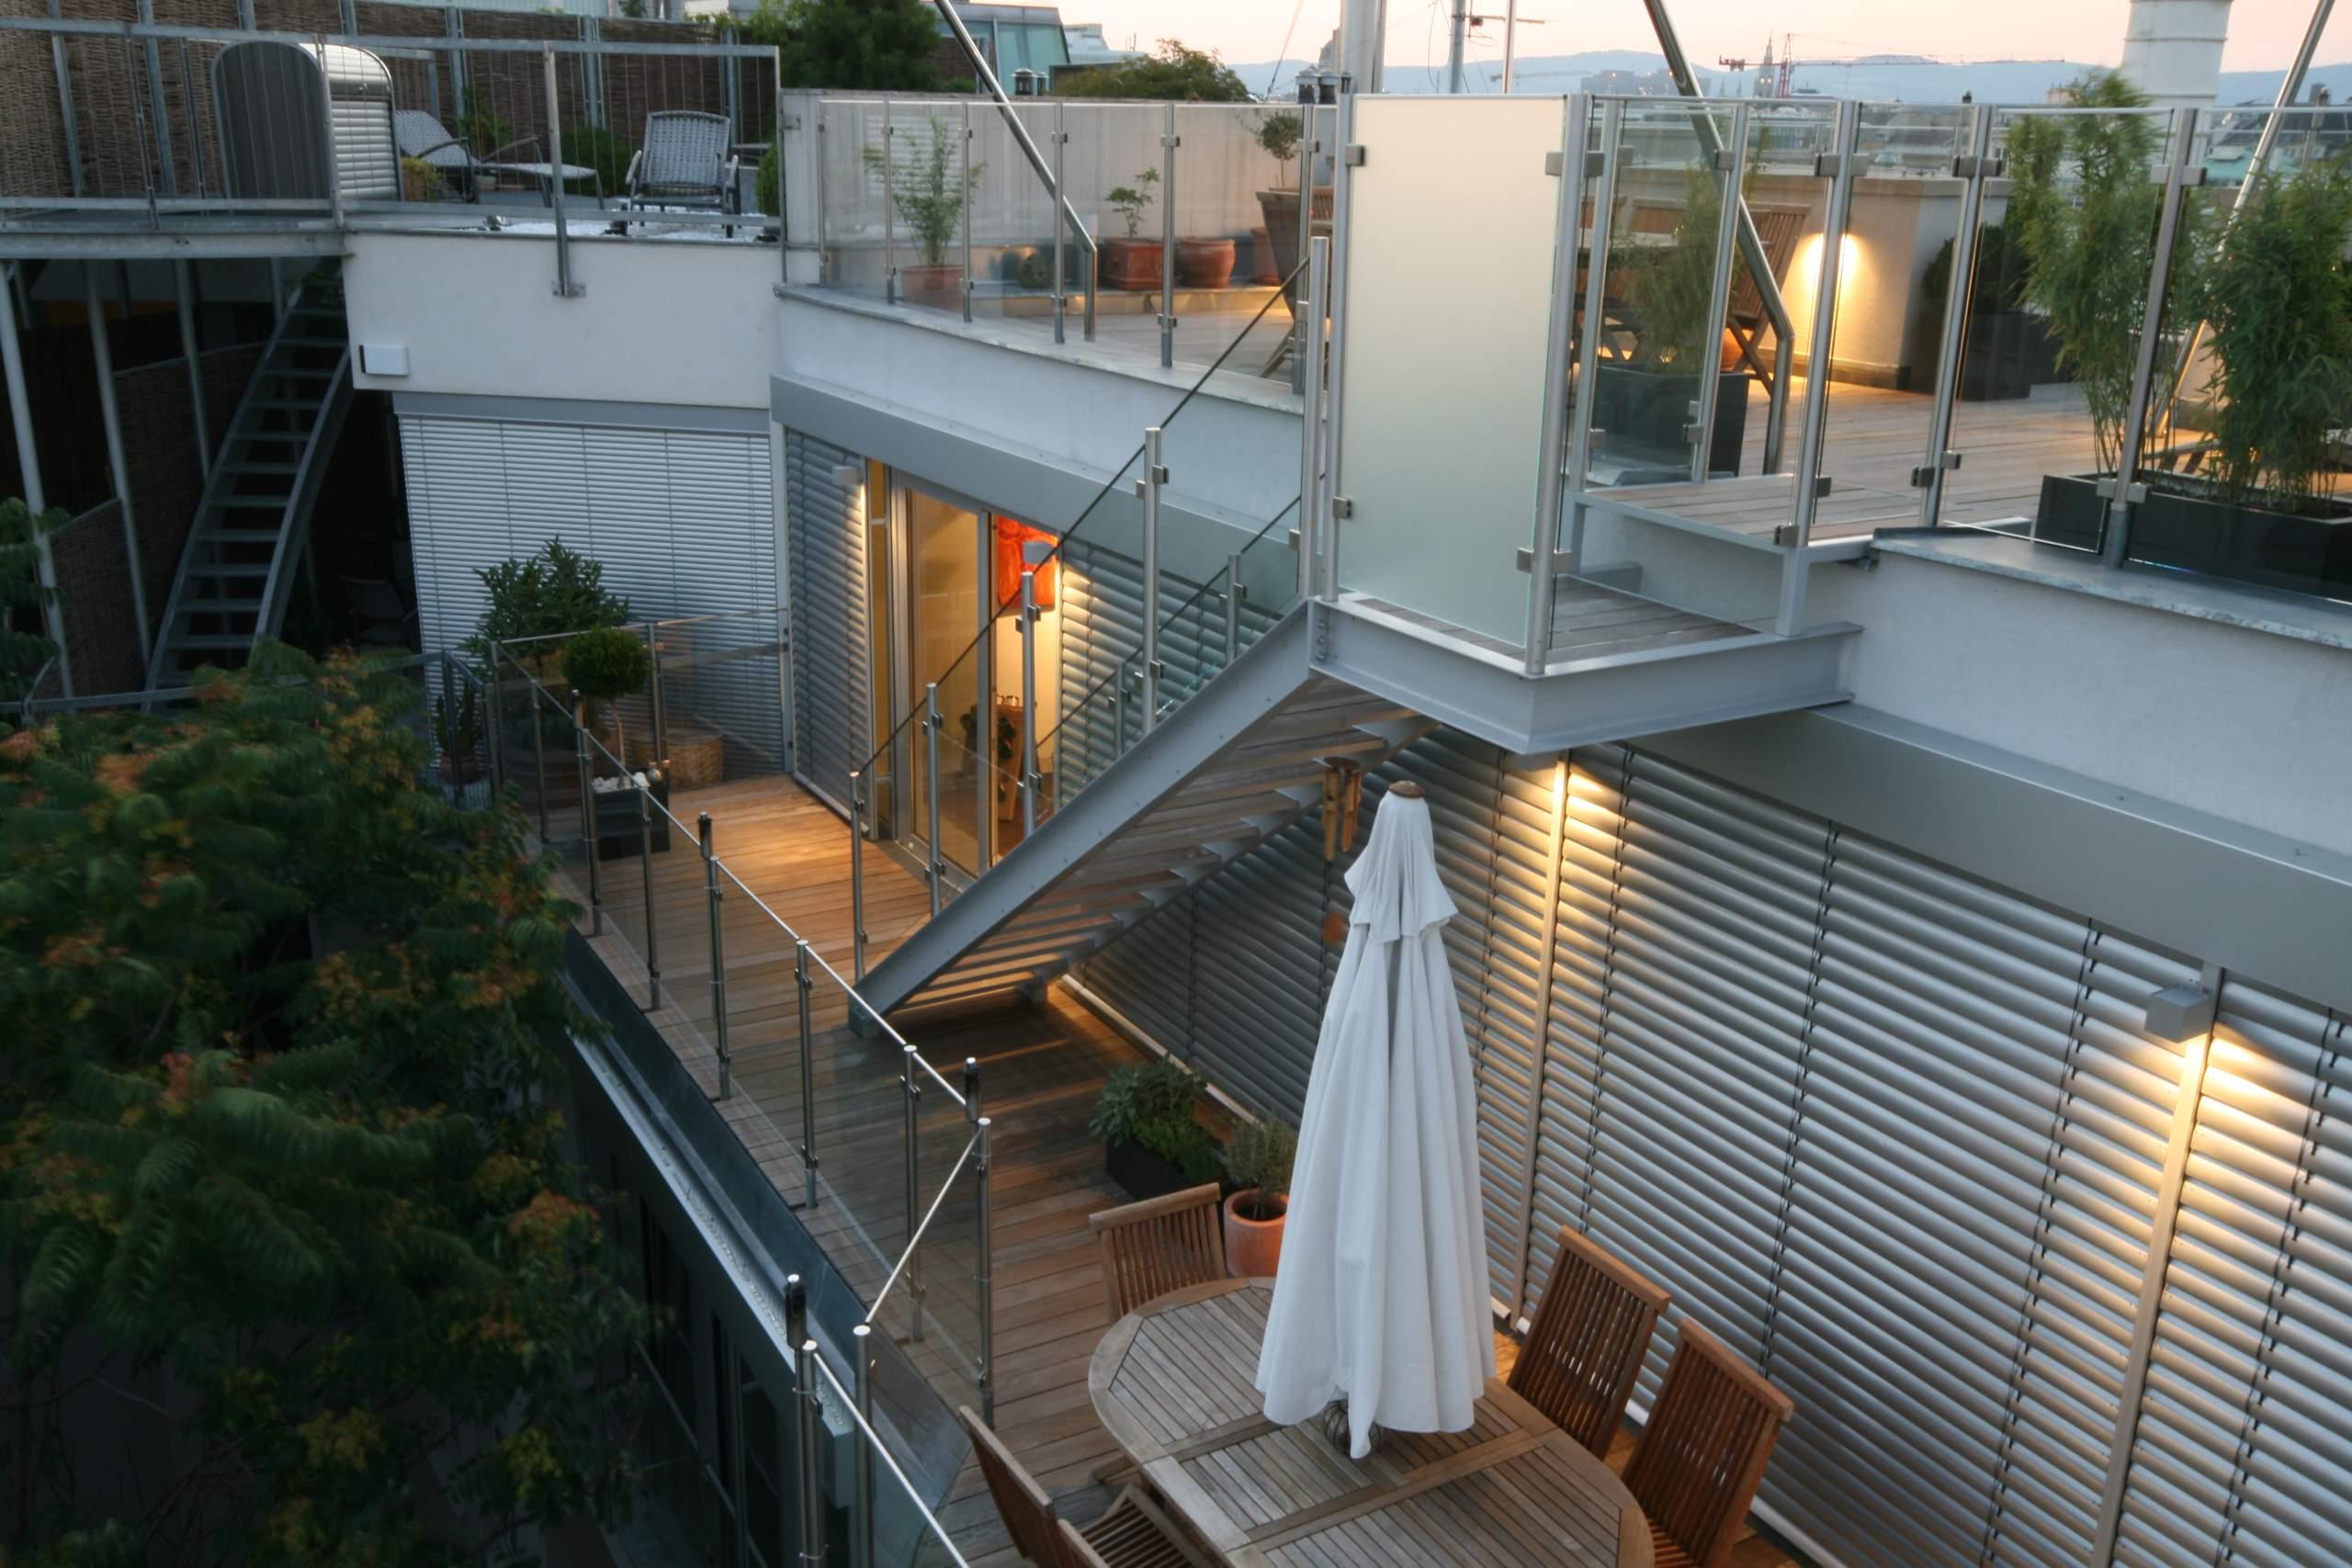 liegler takeh architekten projekt paniglgasse t12 08 2560 liegler takeh architekten. Black Bedroom Furniture Sets. Home Design Ideas